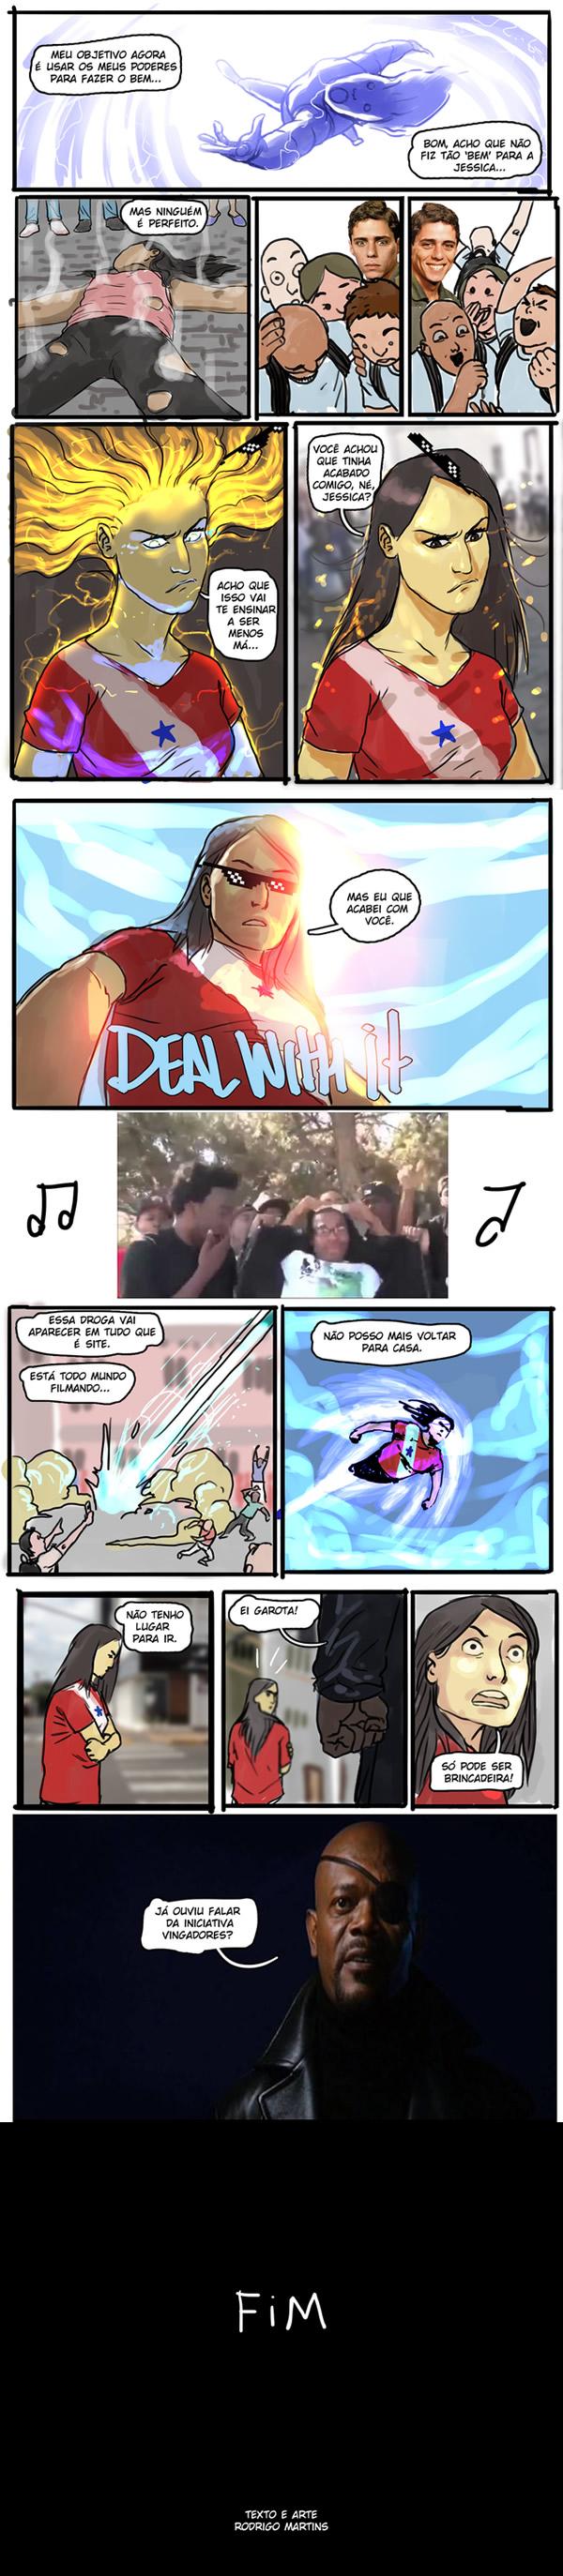 Vídeos e Imagens de Humor Geral - Página 4 Jessica2